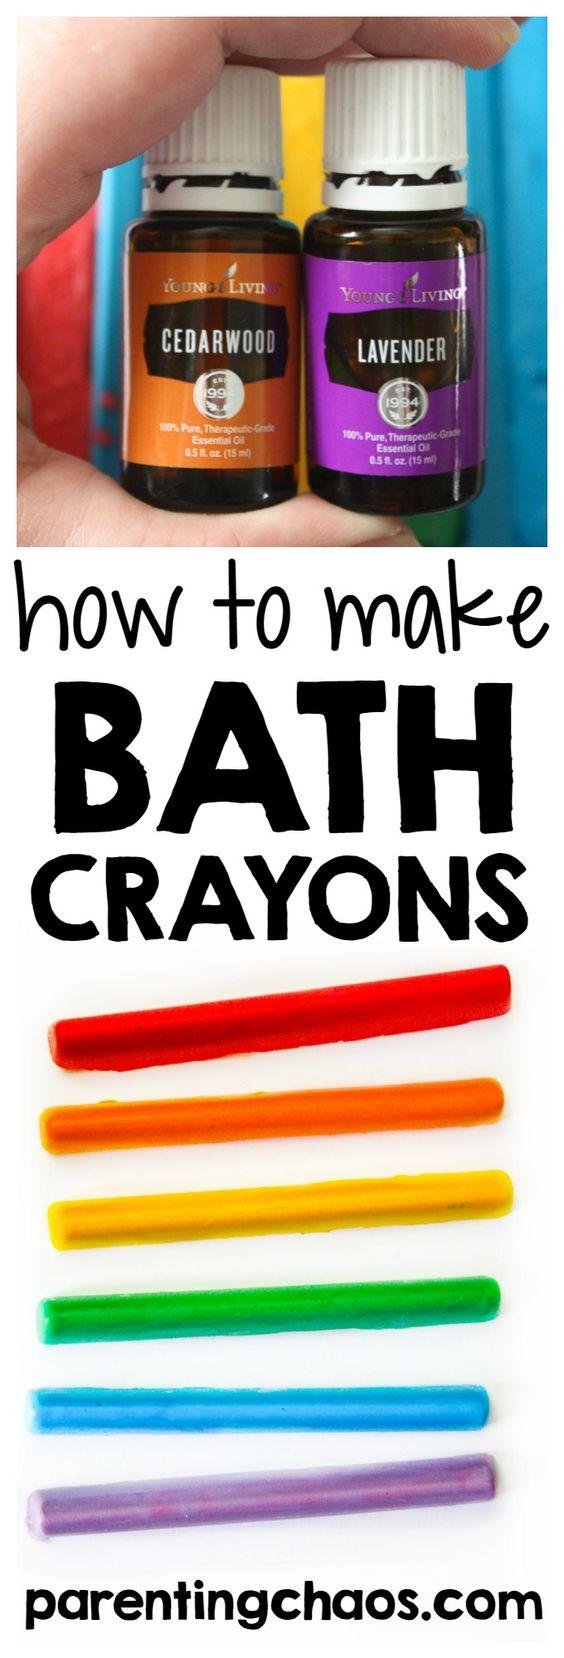 学习如何使用这个简单的教程制作自制的蜡笔。你的孩子将有一个爆炸制作和玩这些自制的浴缸的颜色!